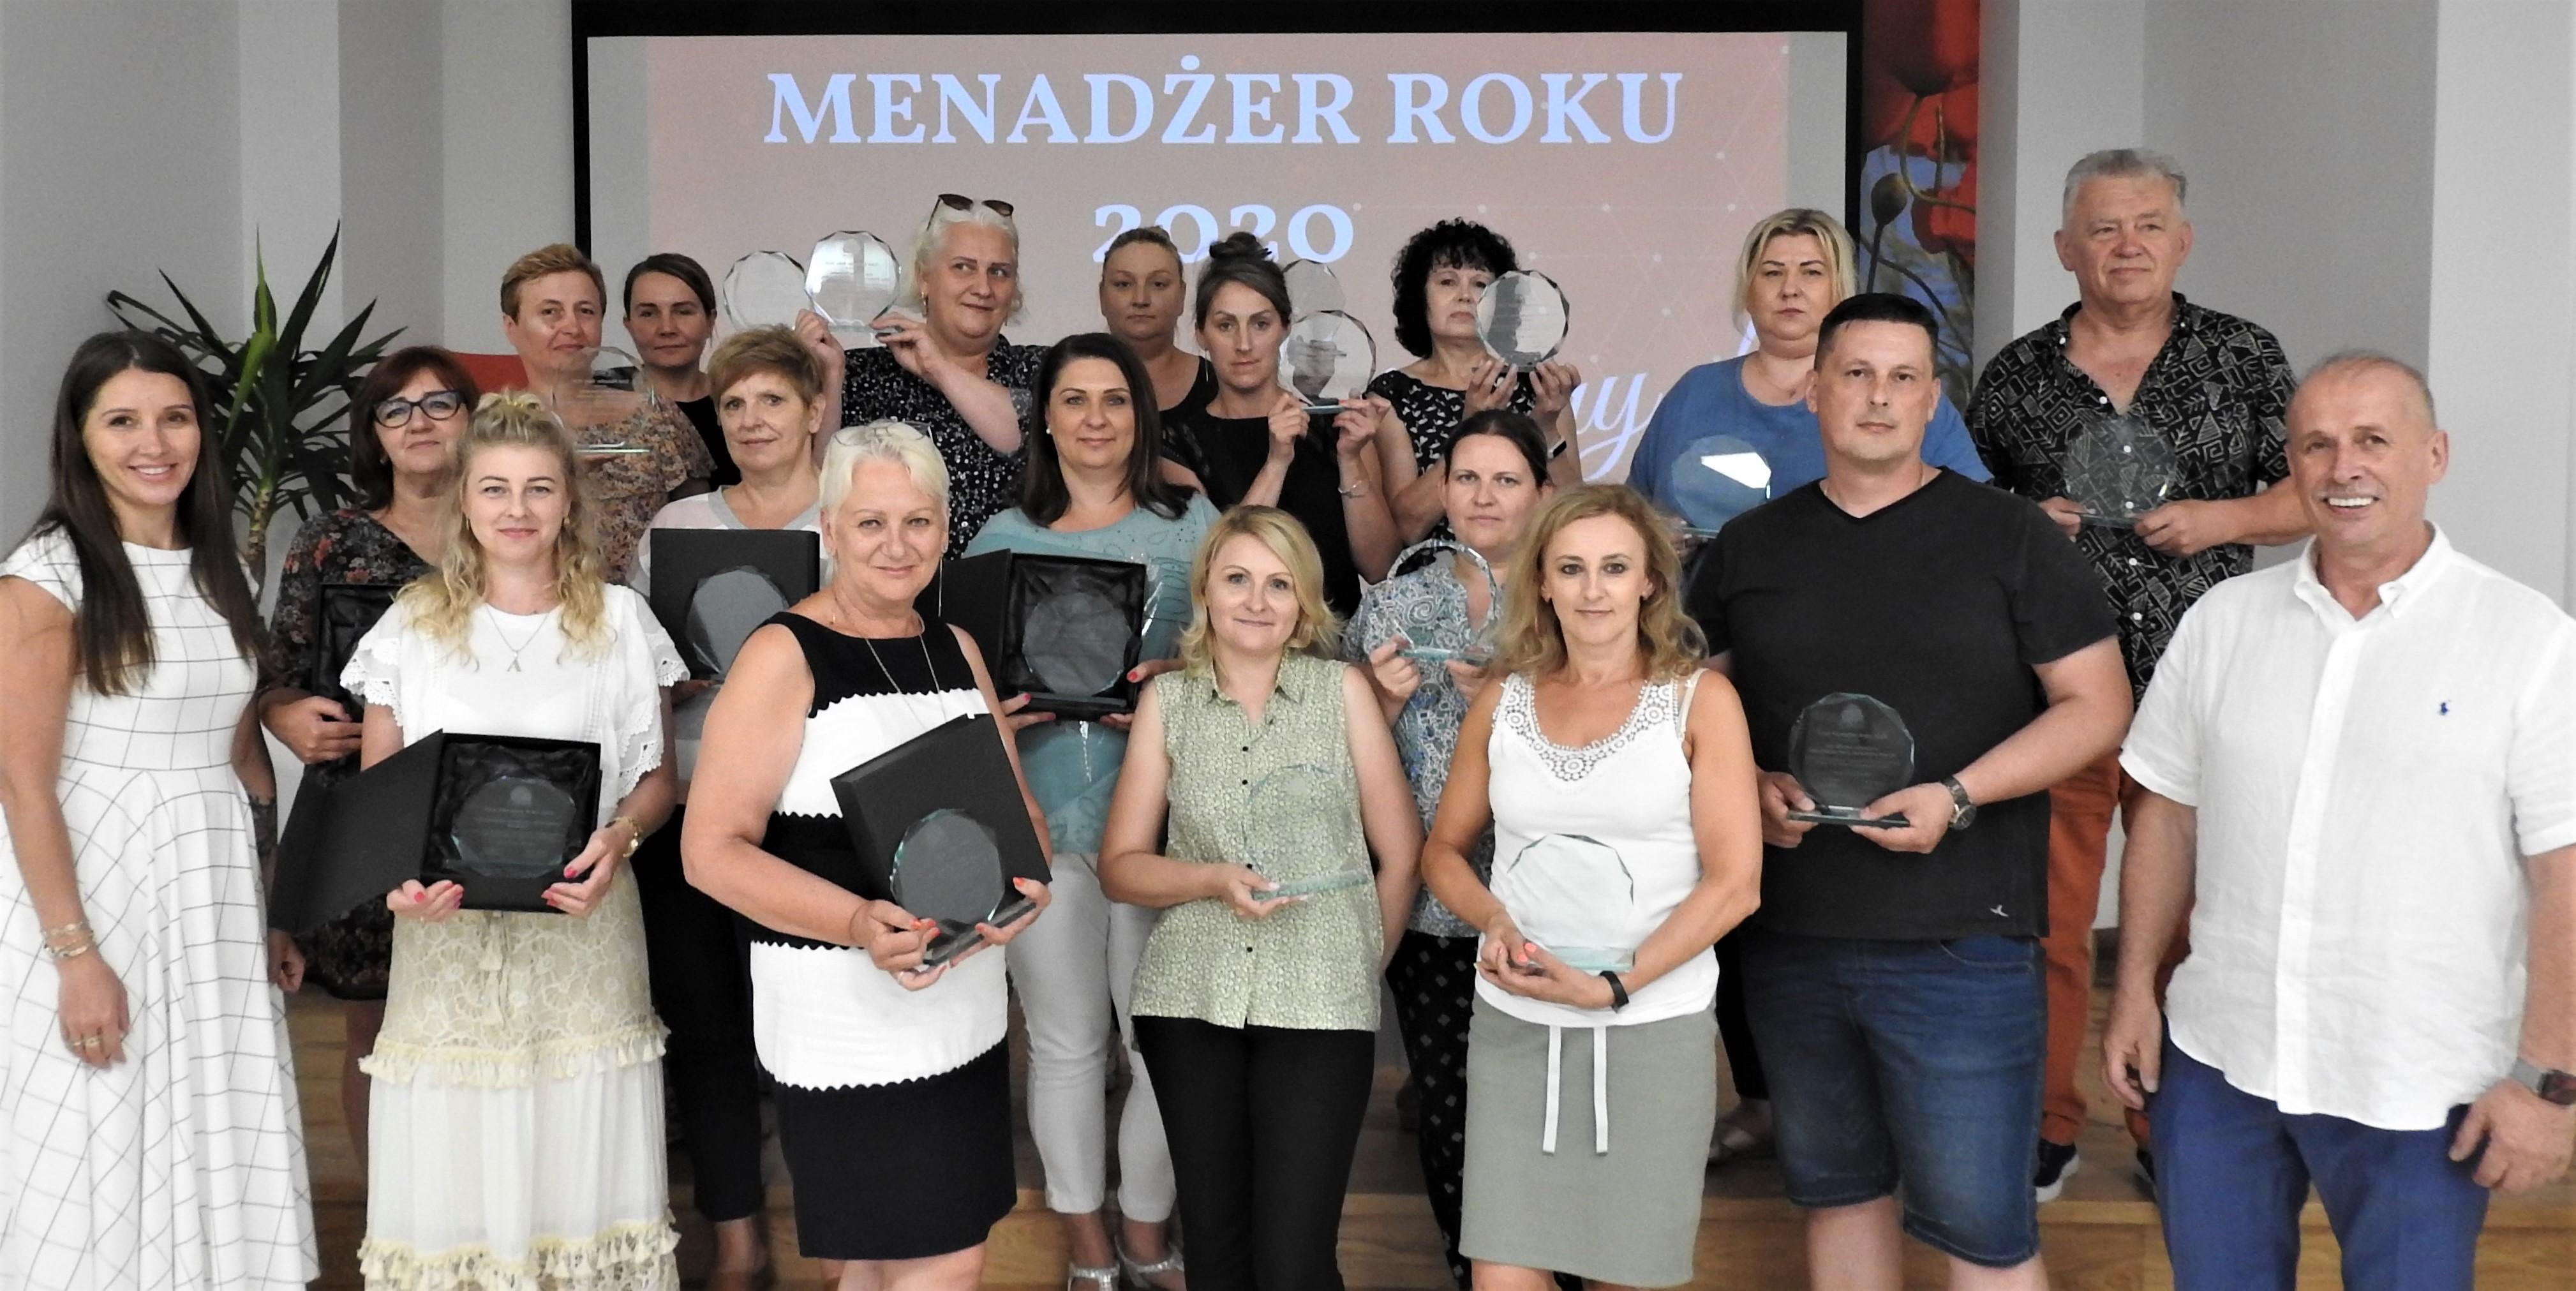 Grupa Chorten przyznała tytuły Partnera Roku i Menadżera Roku